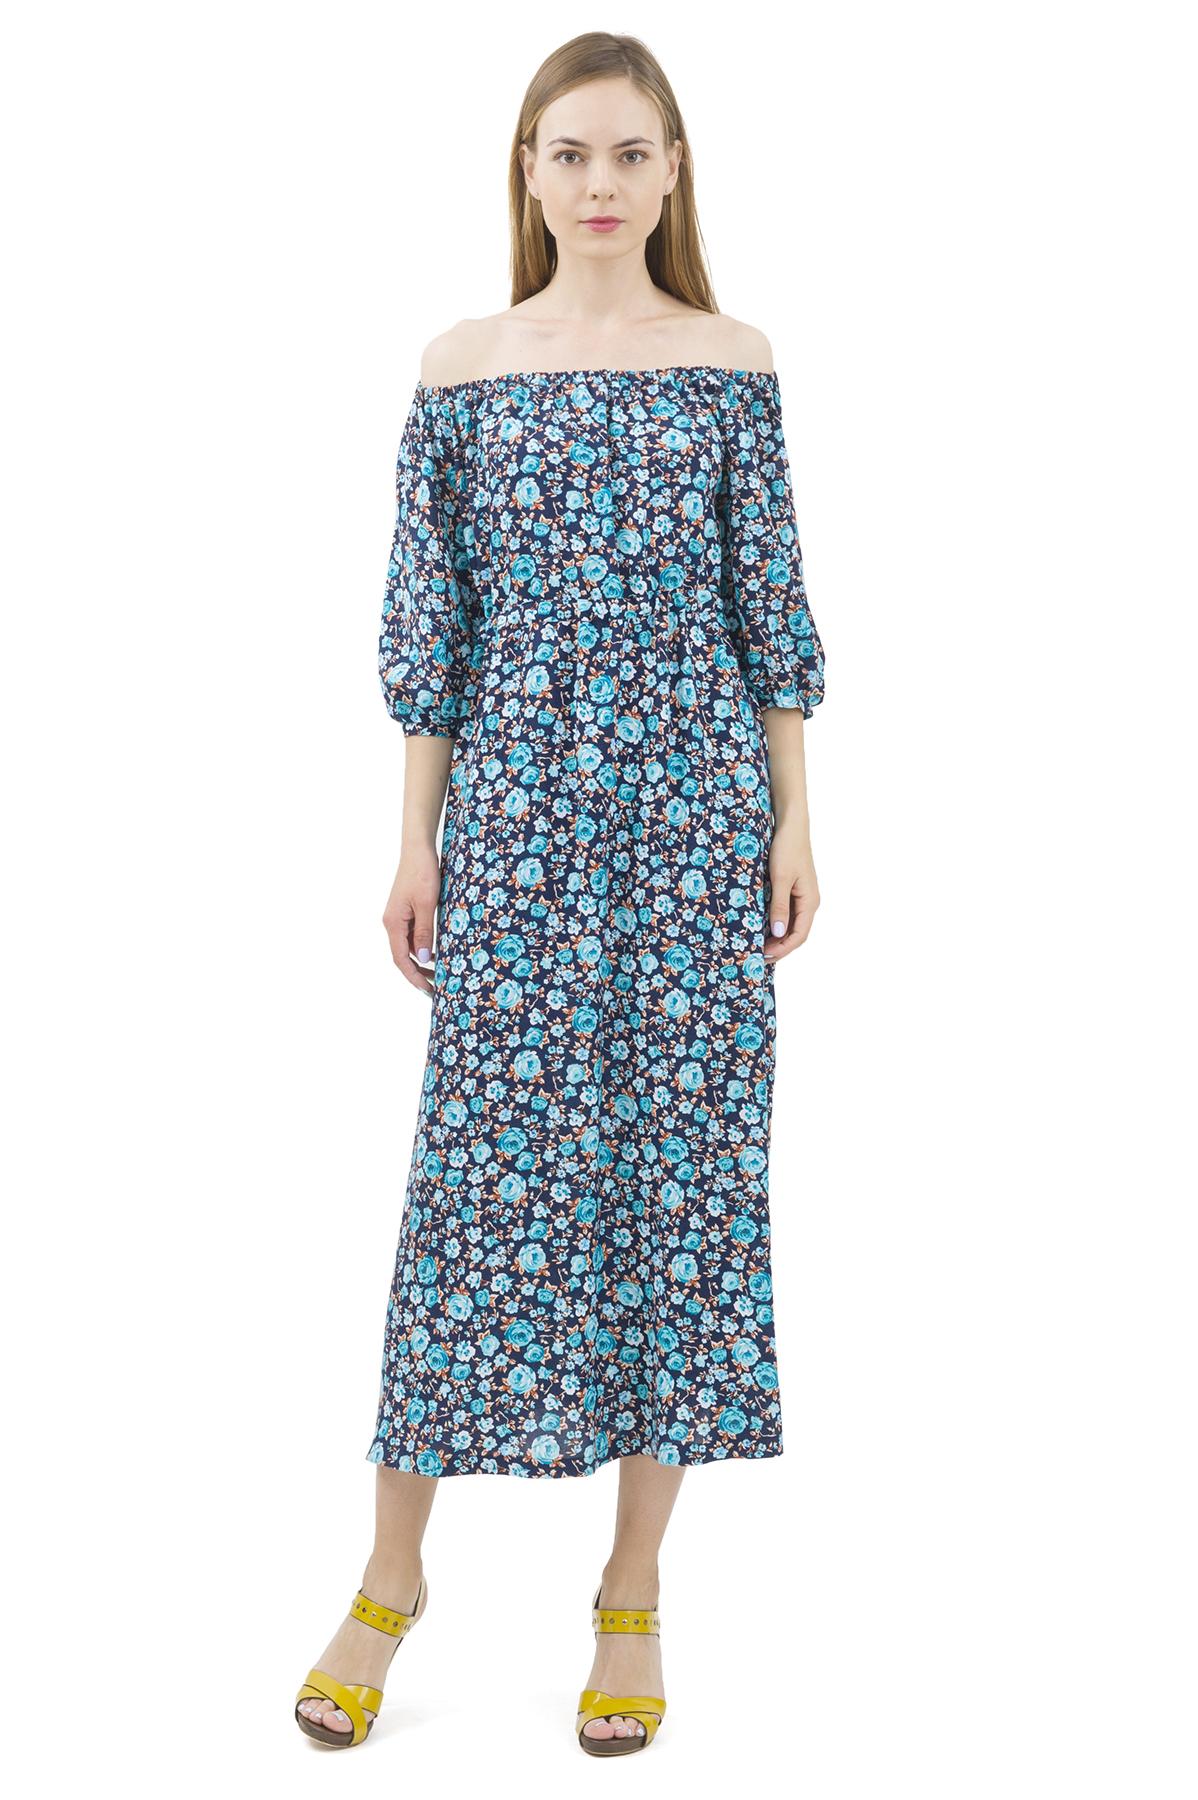 ПлатьеПлатья,  сарафаны<br>Стильное платье актуальной длины   для ярких и уверенных в своей неотразимости женщин. Изделие прекрасно сочетается со многими элементами гардероба.<br><br>Цвет: темно-синий,голубой<br>Состав: 100% вискоза<br>Размер: 40,42,44,46,48,50,52,54<br>Страна дизайна: Россия<br>Страна производства: Россия